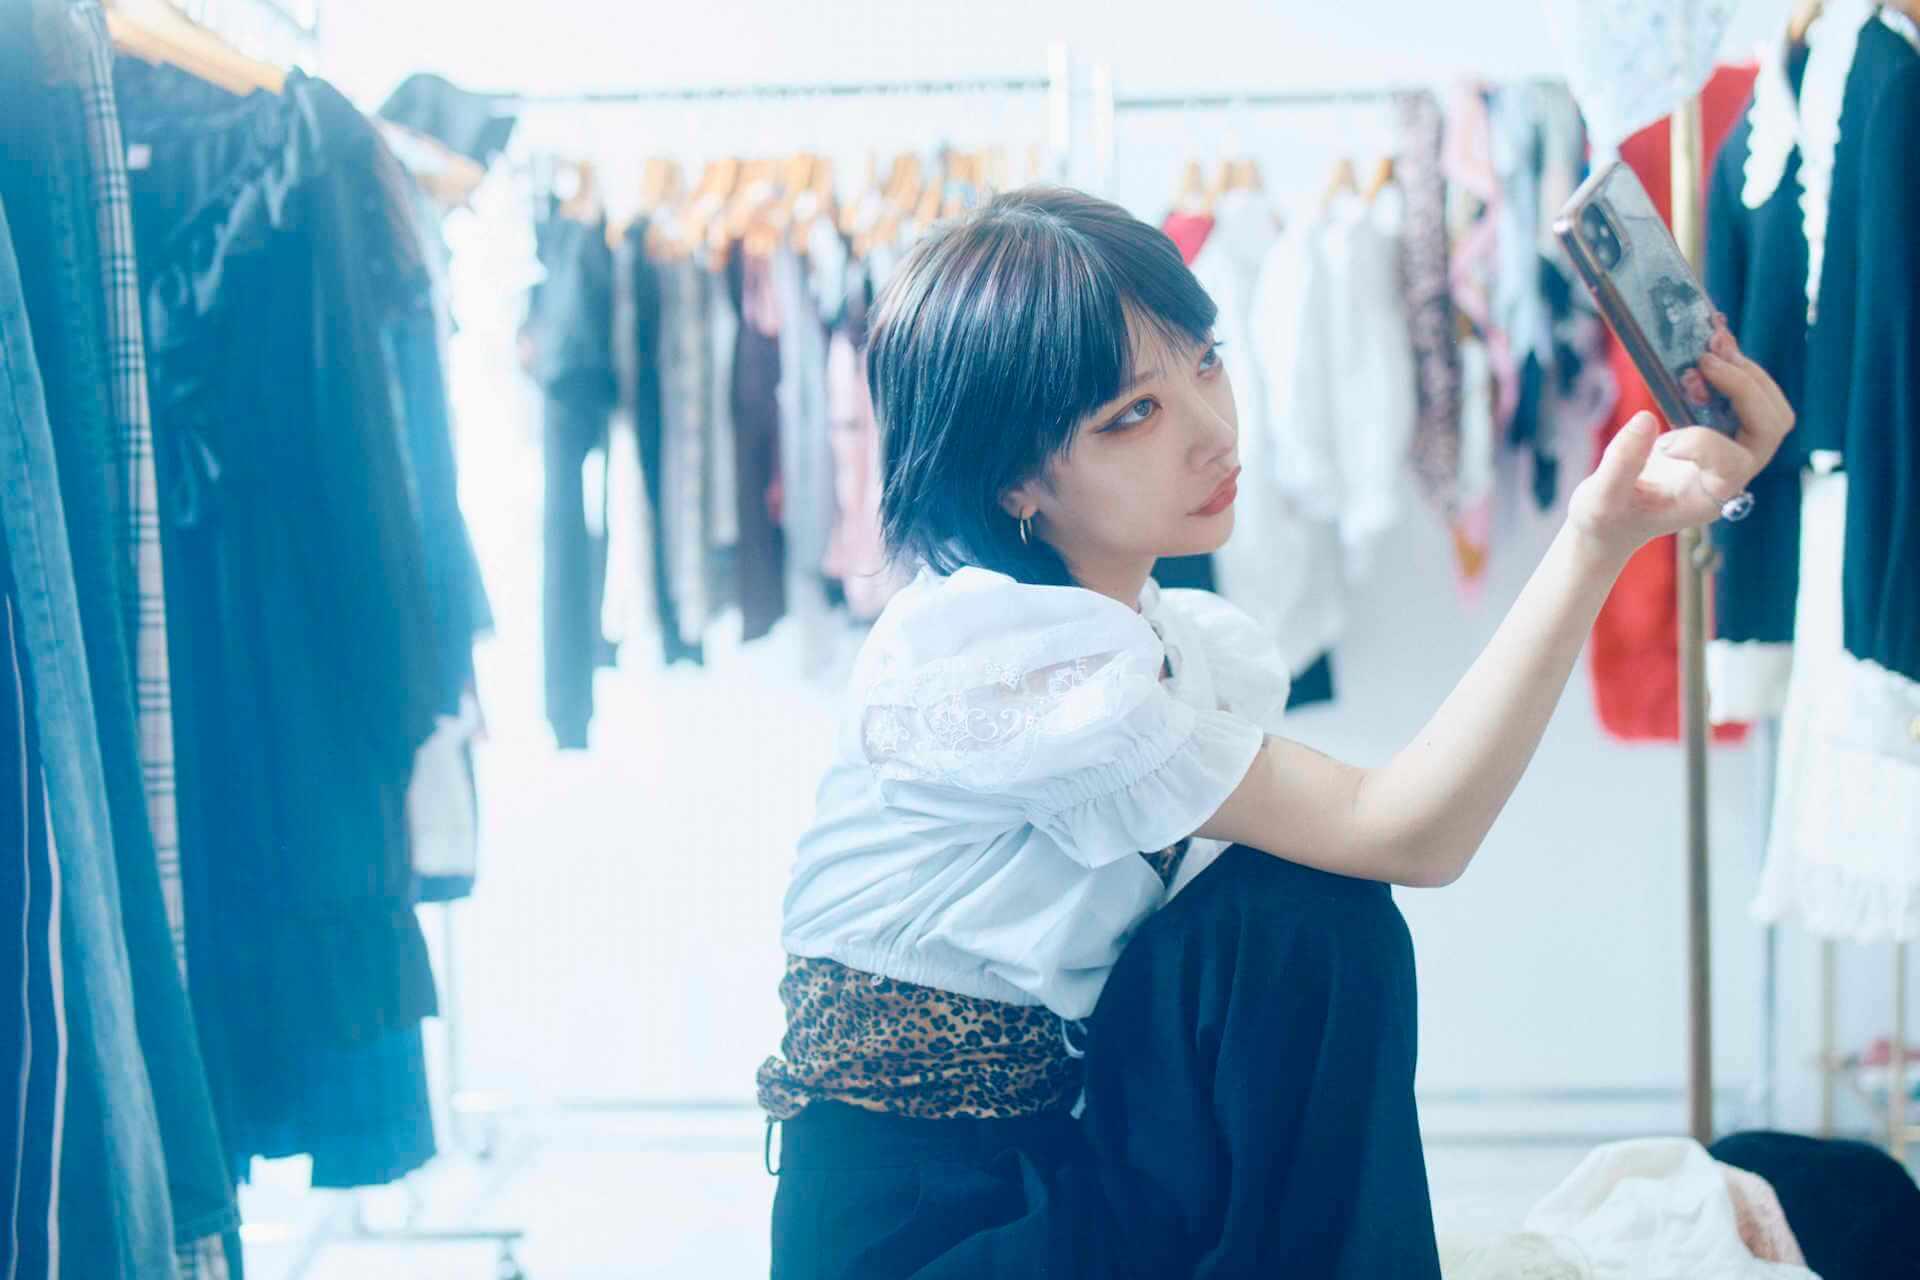 かてぃのファッションドキュメンタリーブック『ファッションカルト』の誌面カットが到着! lifefashion_katy_2